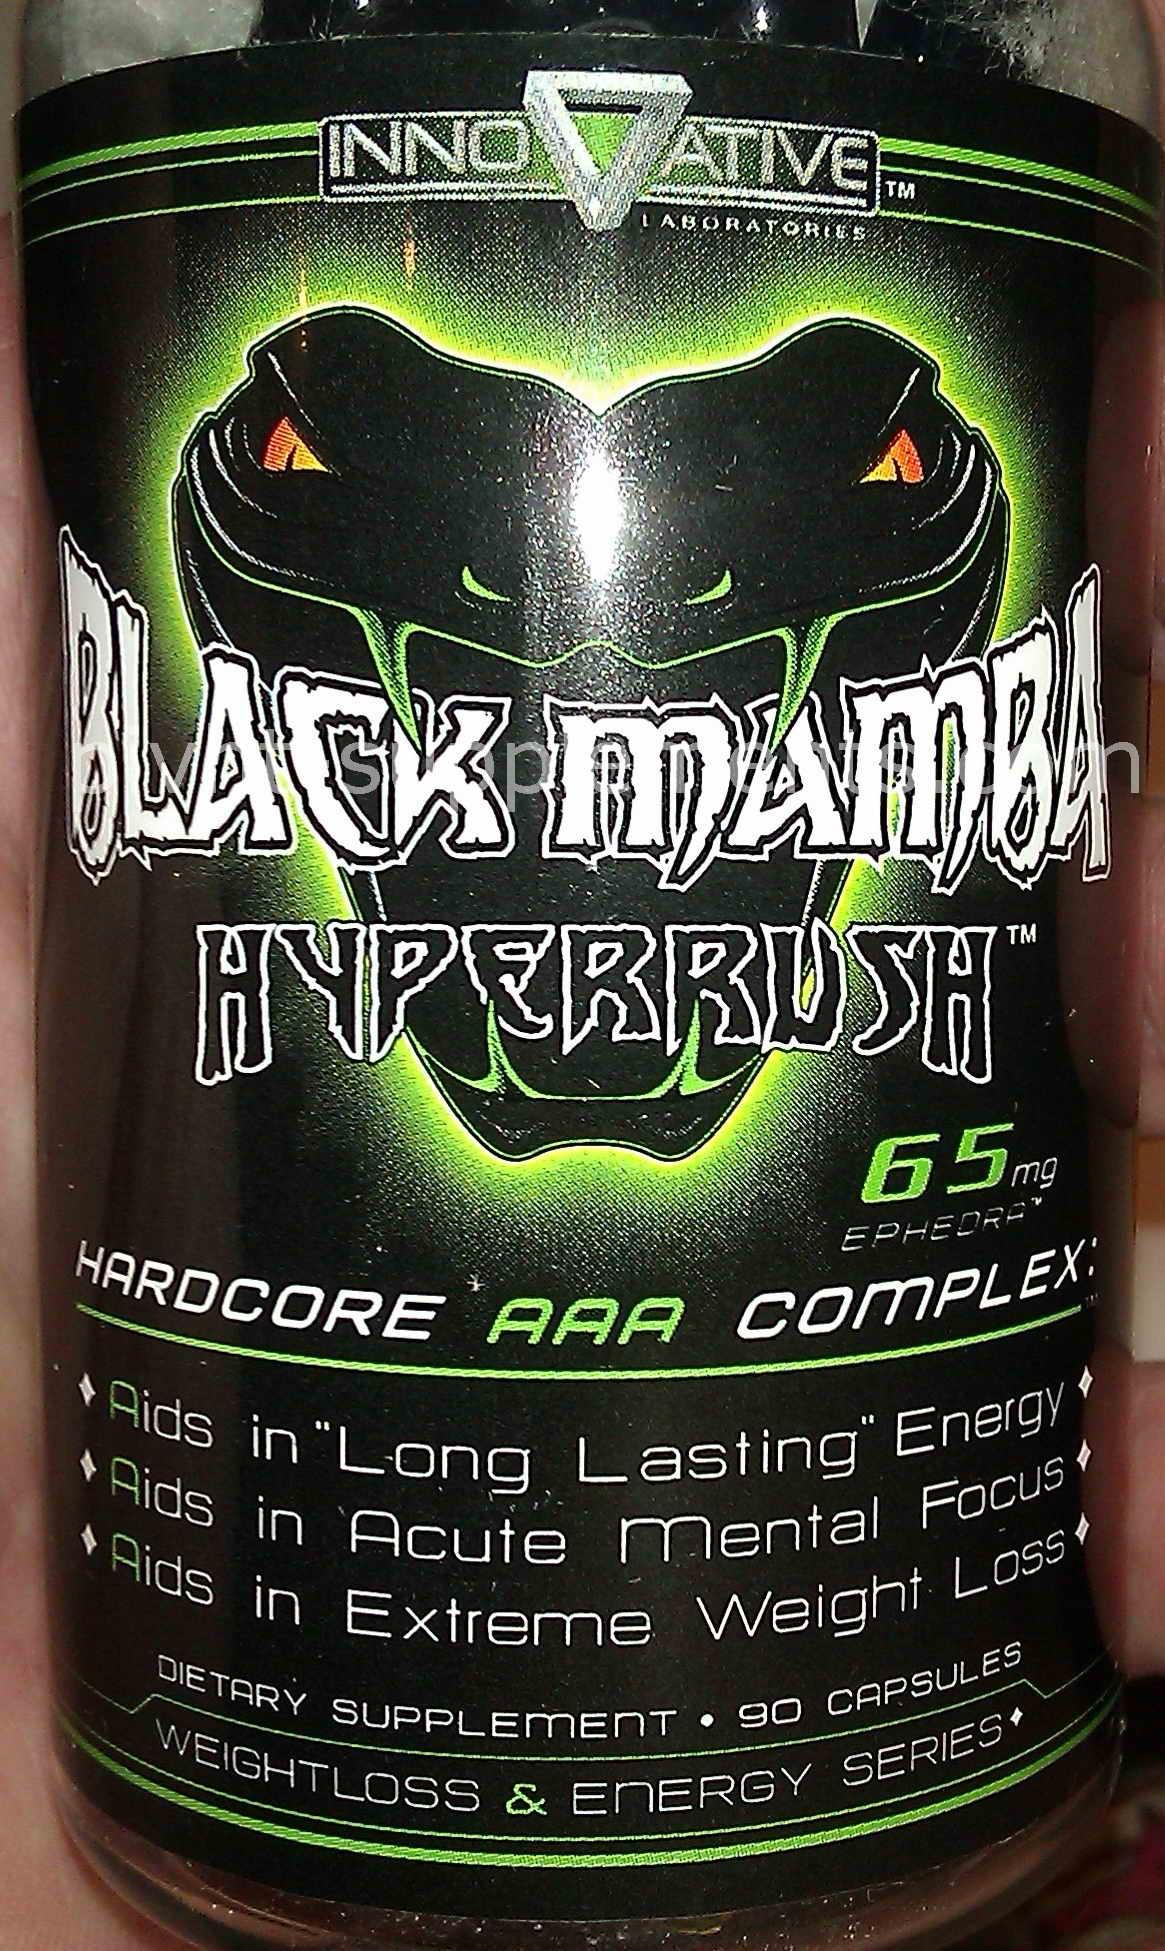 Жиросжигатель innovatine black mamba — отзывы. негативные, нейтральные и положительные отзывы